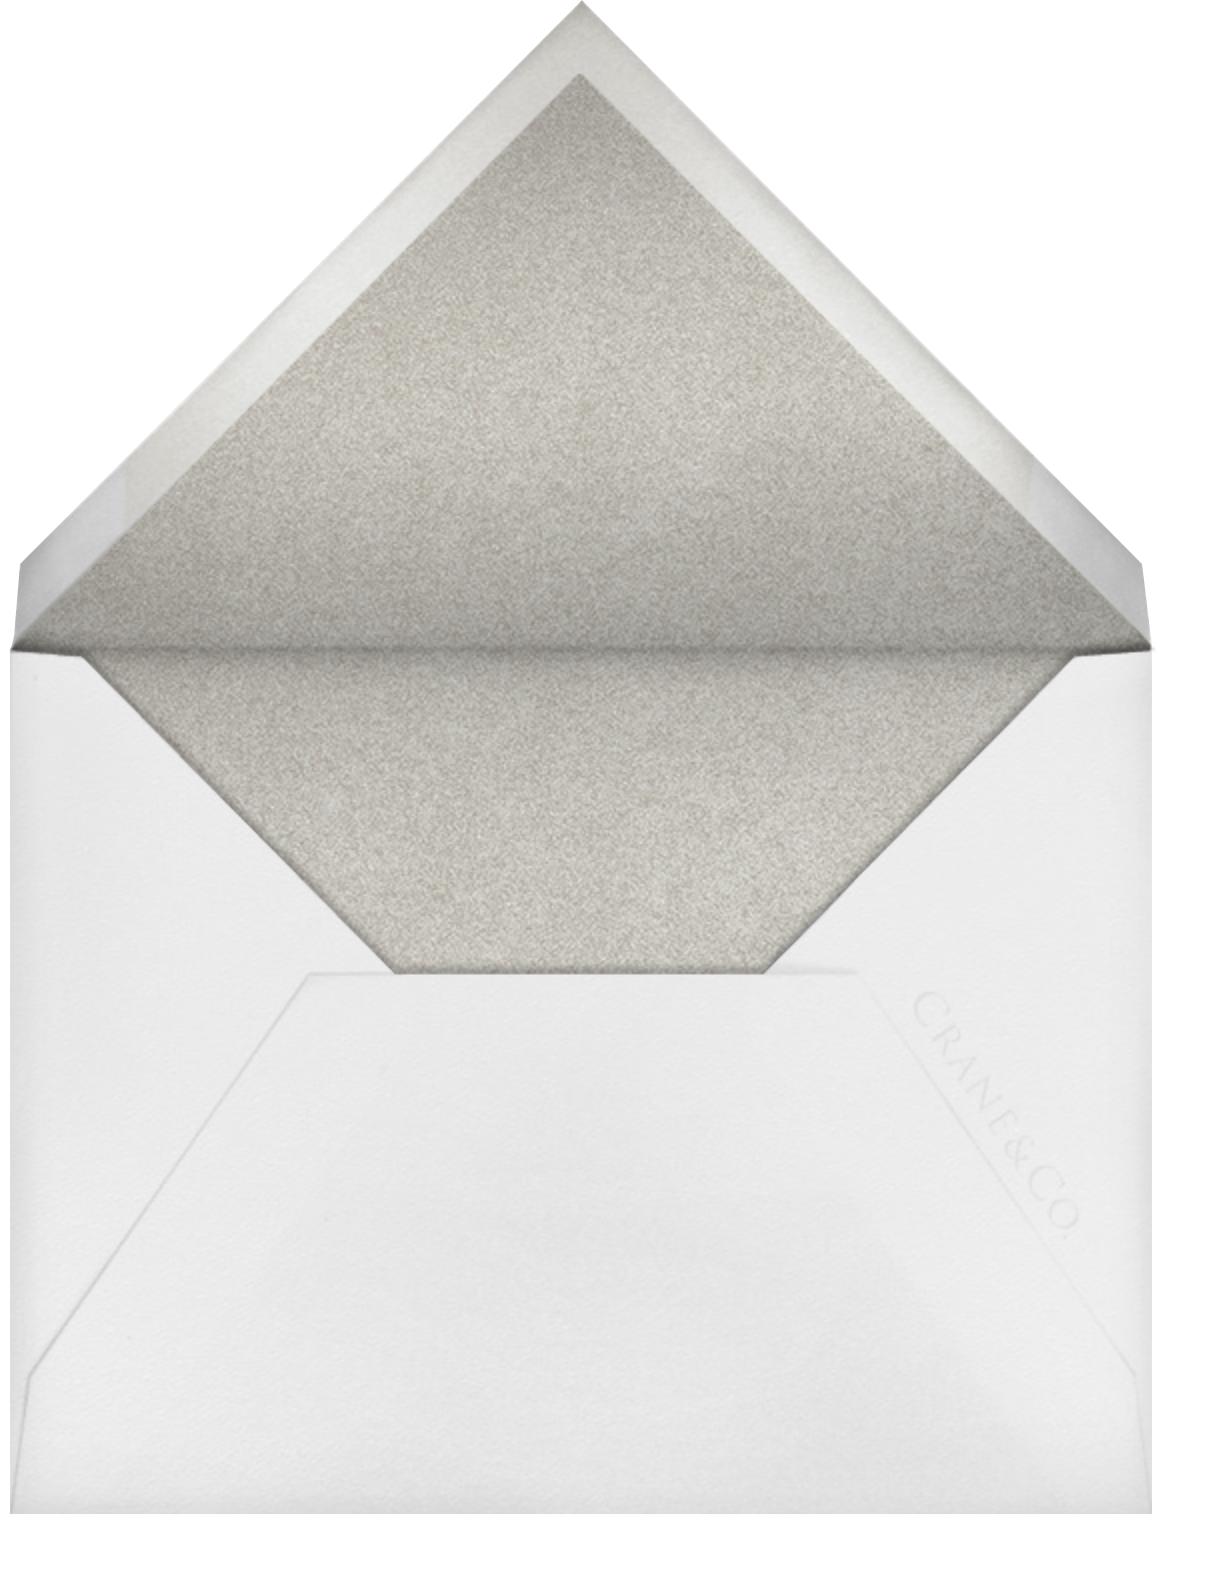 Jubilee I - Platinum - Kelly Wearstler - All - envelope back